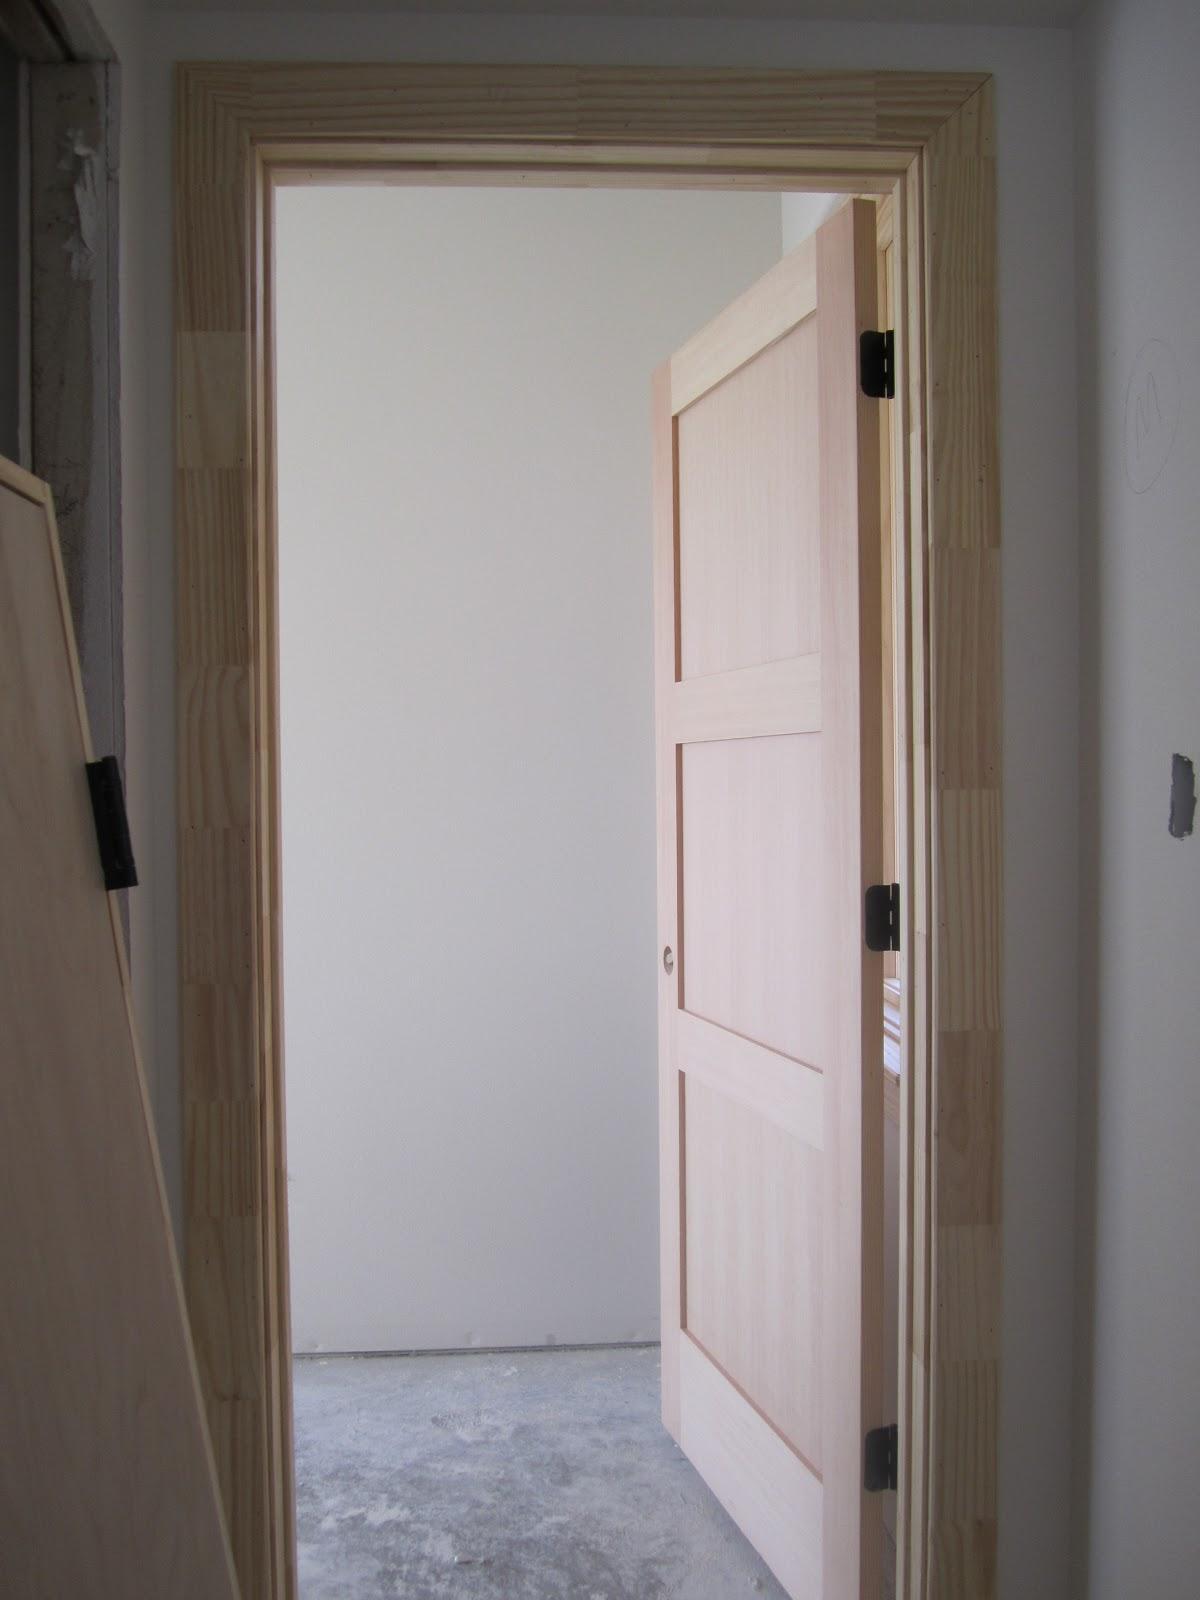 2244remodel Trim And Doors